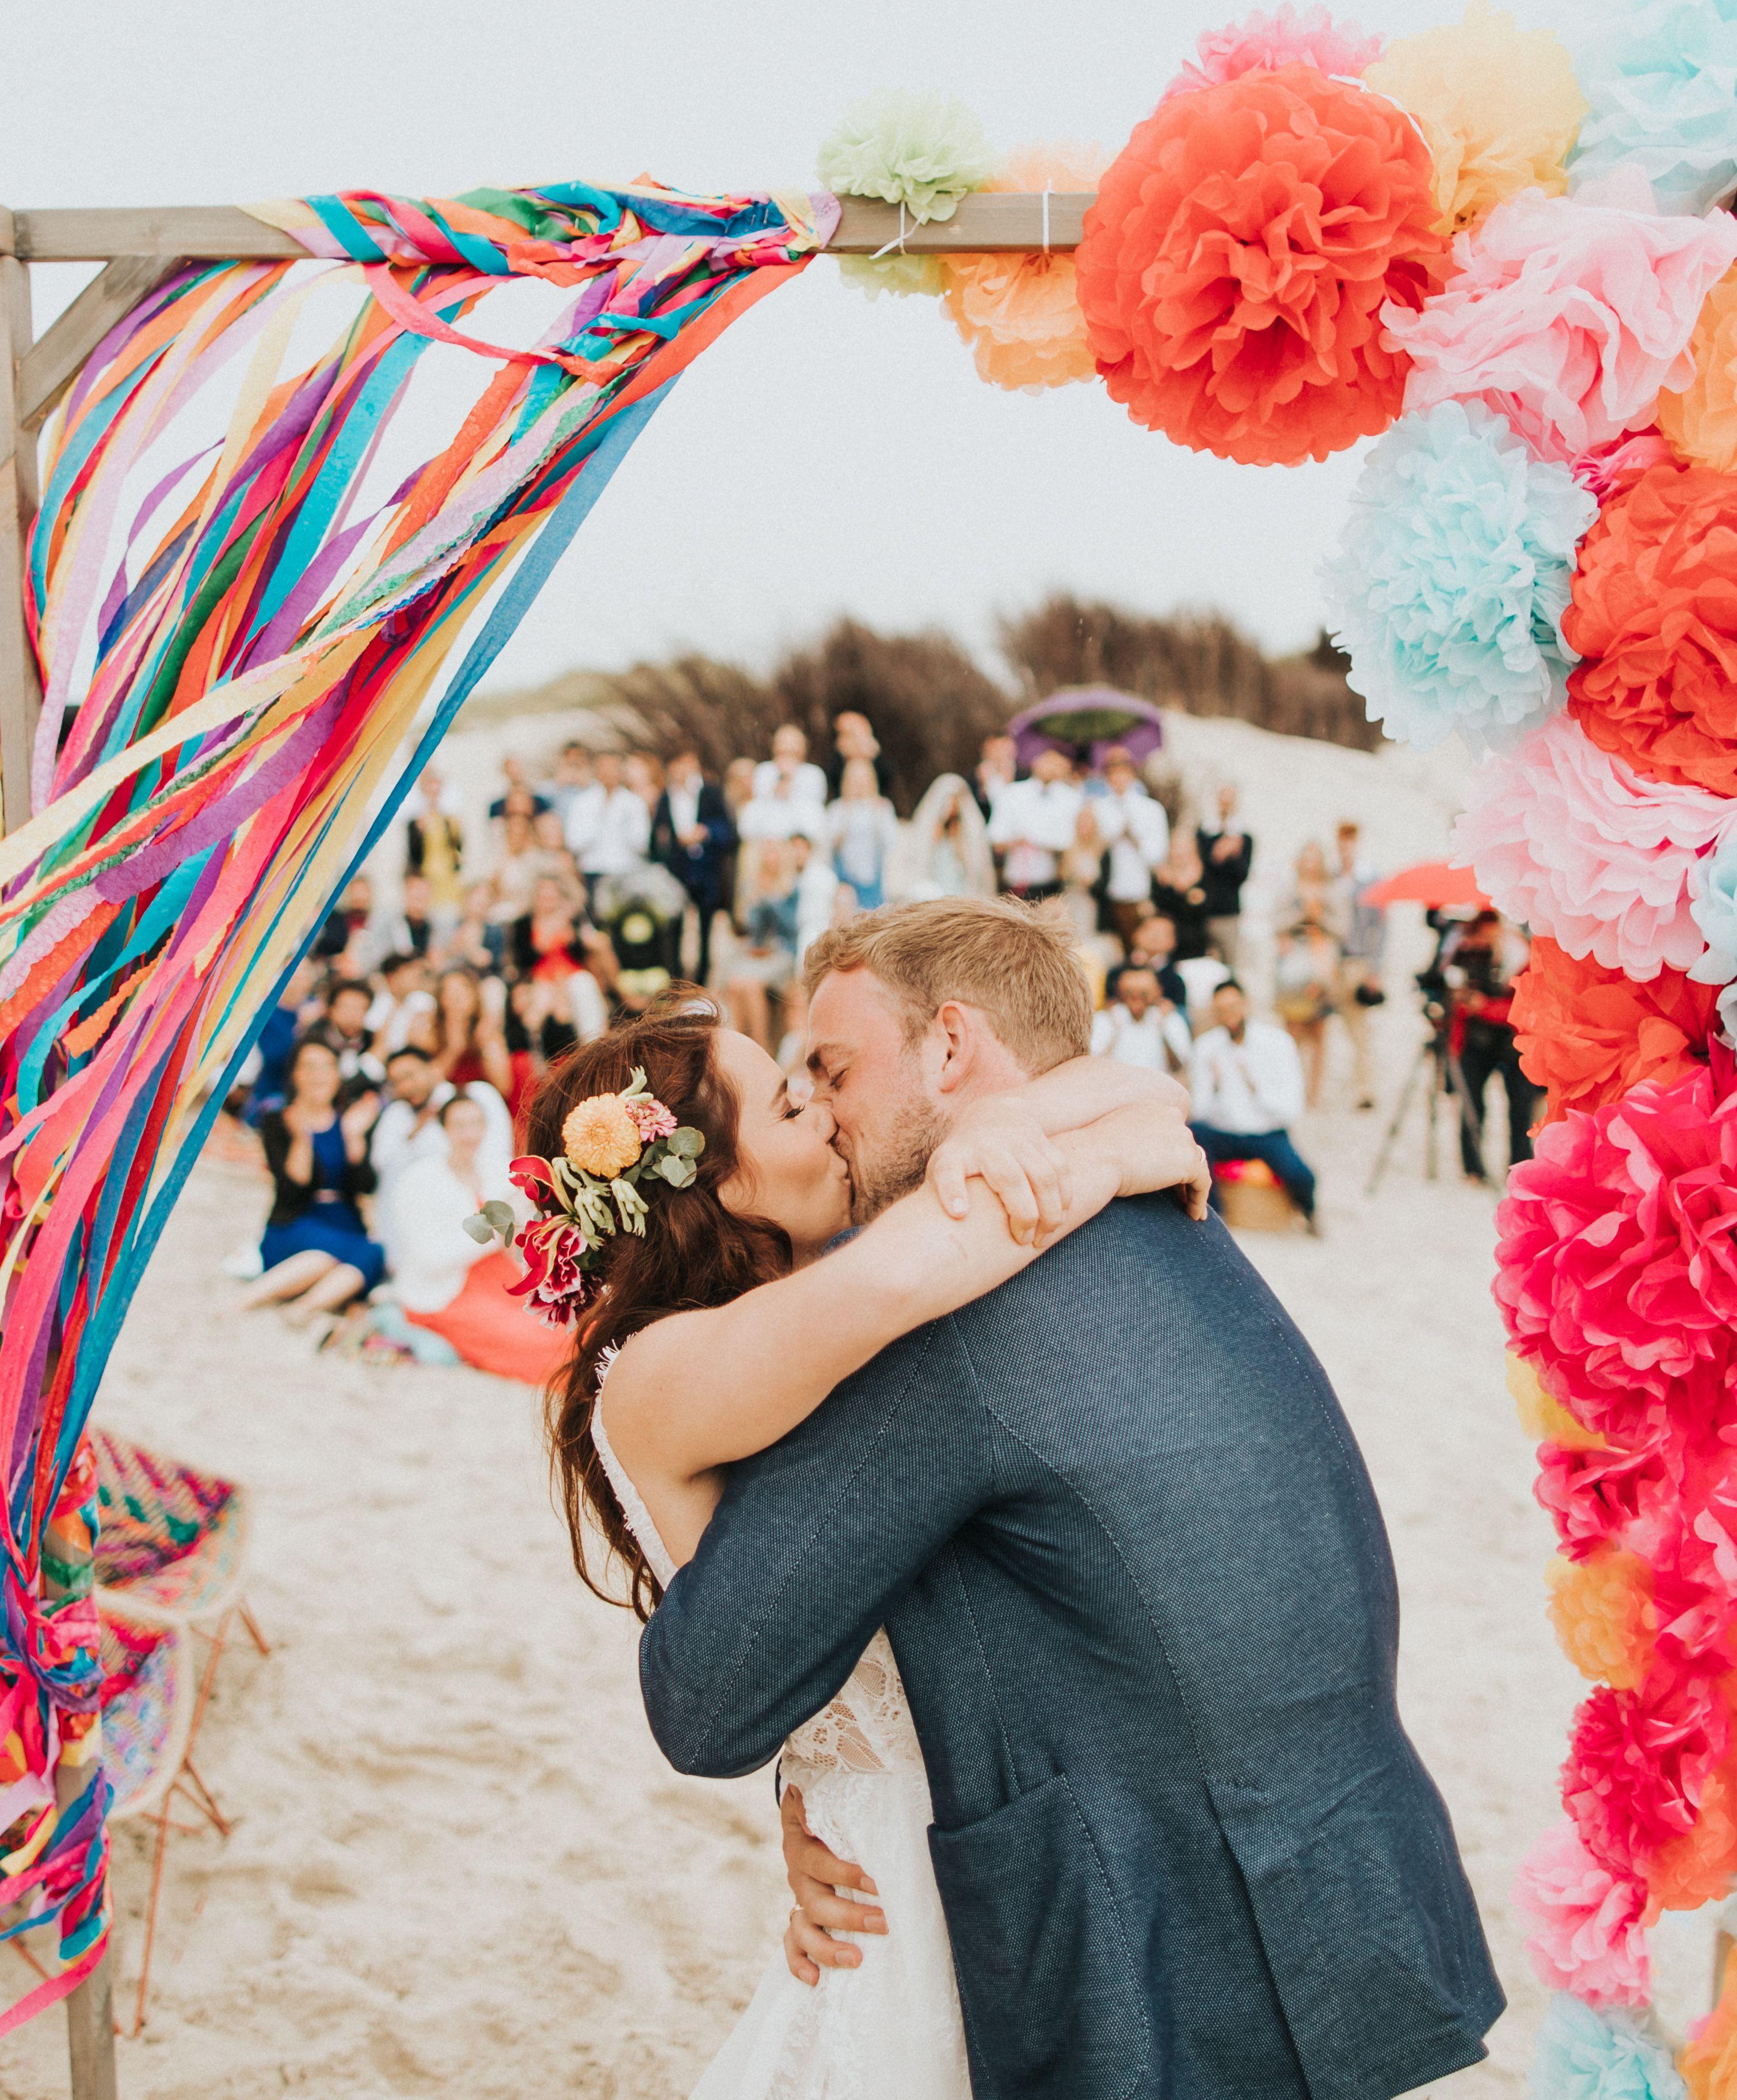 Farbenspiel Traumhochzeit Am Strand Hochzeit Fotografie